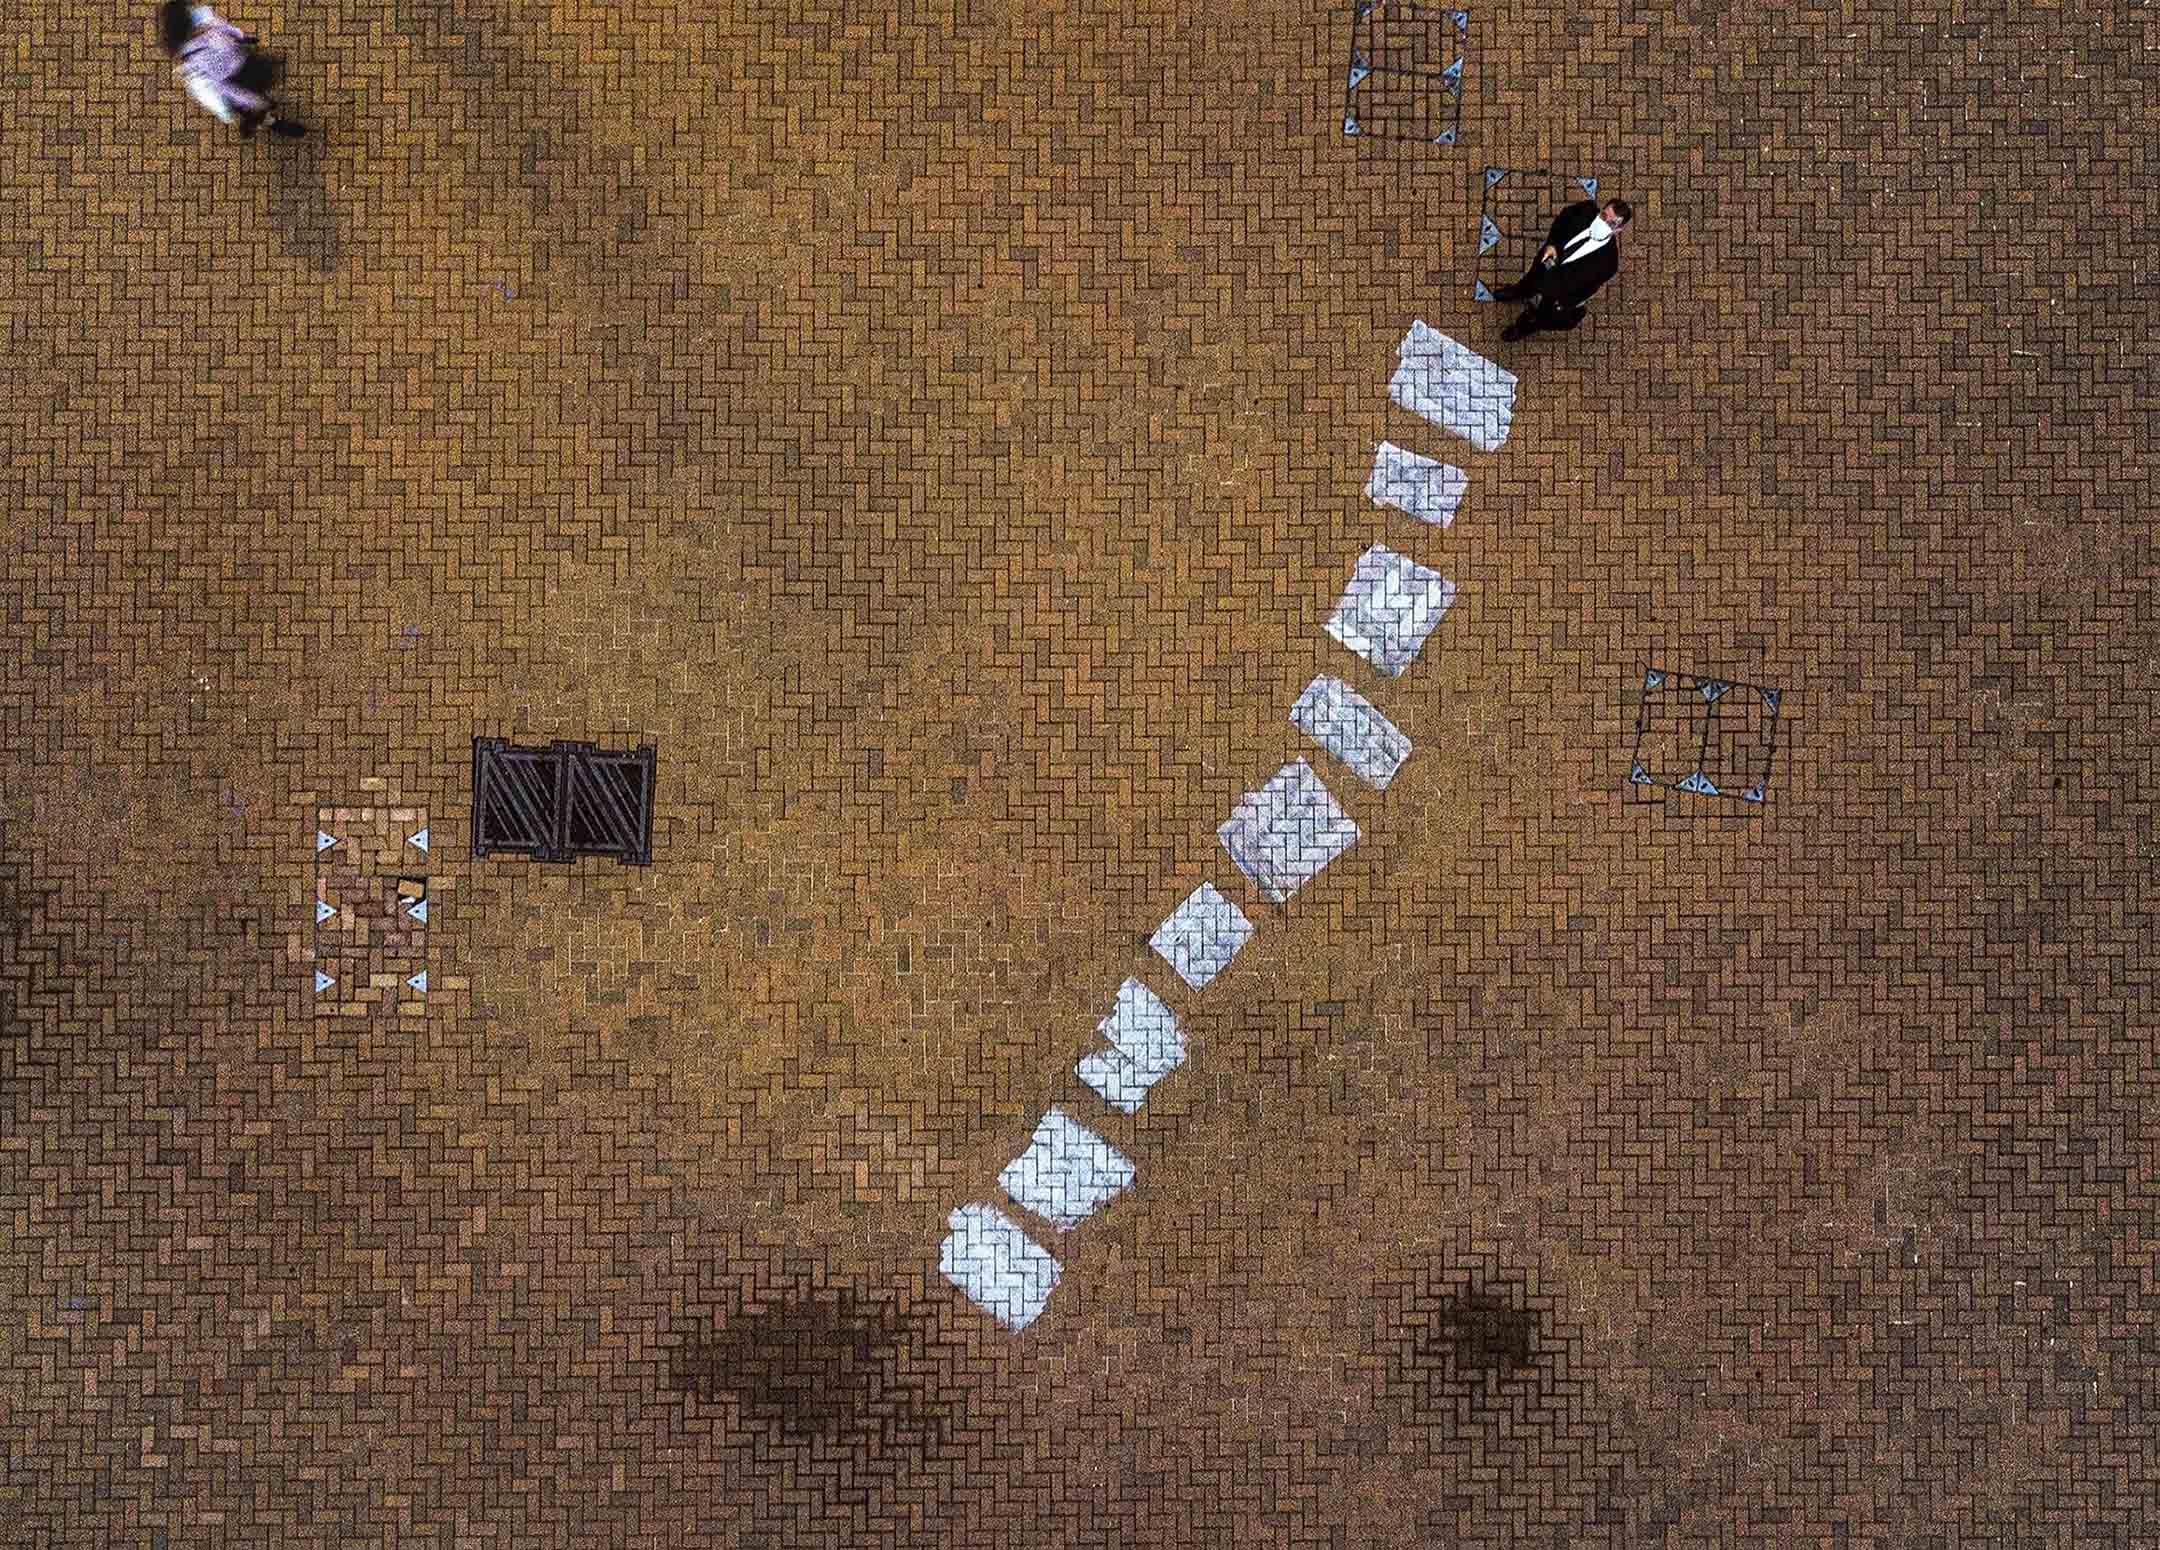 2020年9月15日中環愛丁堡廣場,2019年反修例運動示威者寫於地上的塗鴉被覆蓋,只留下一堆痕跡。